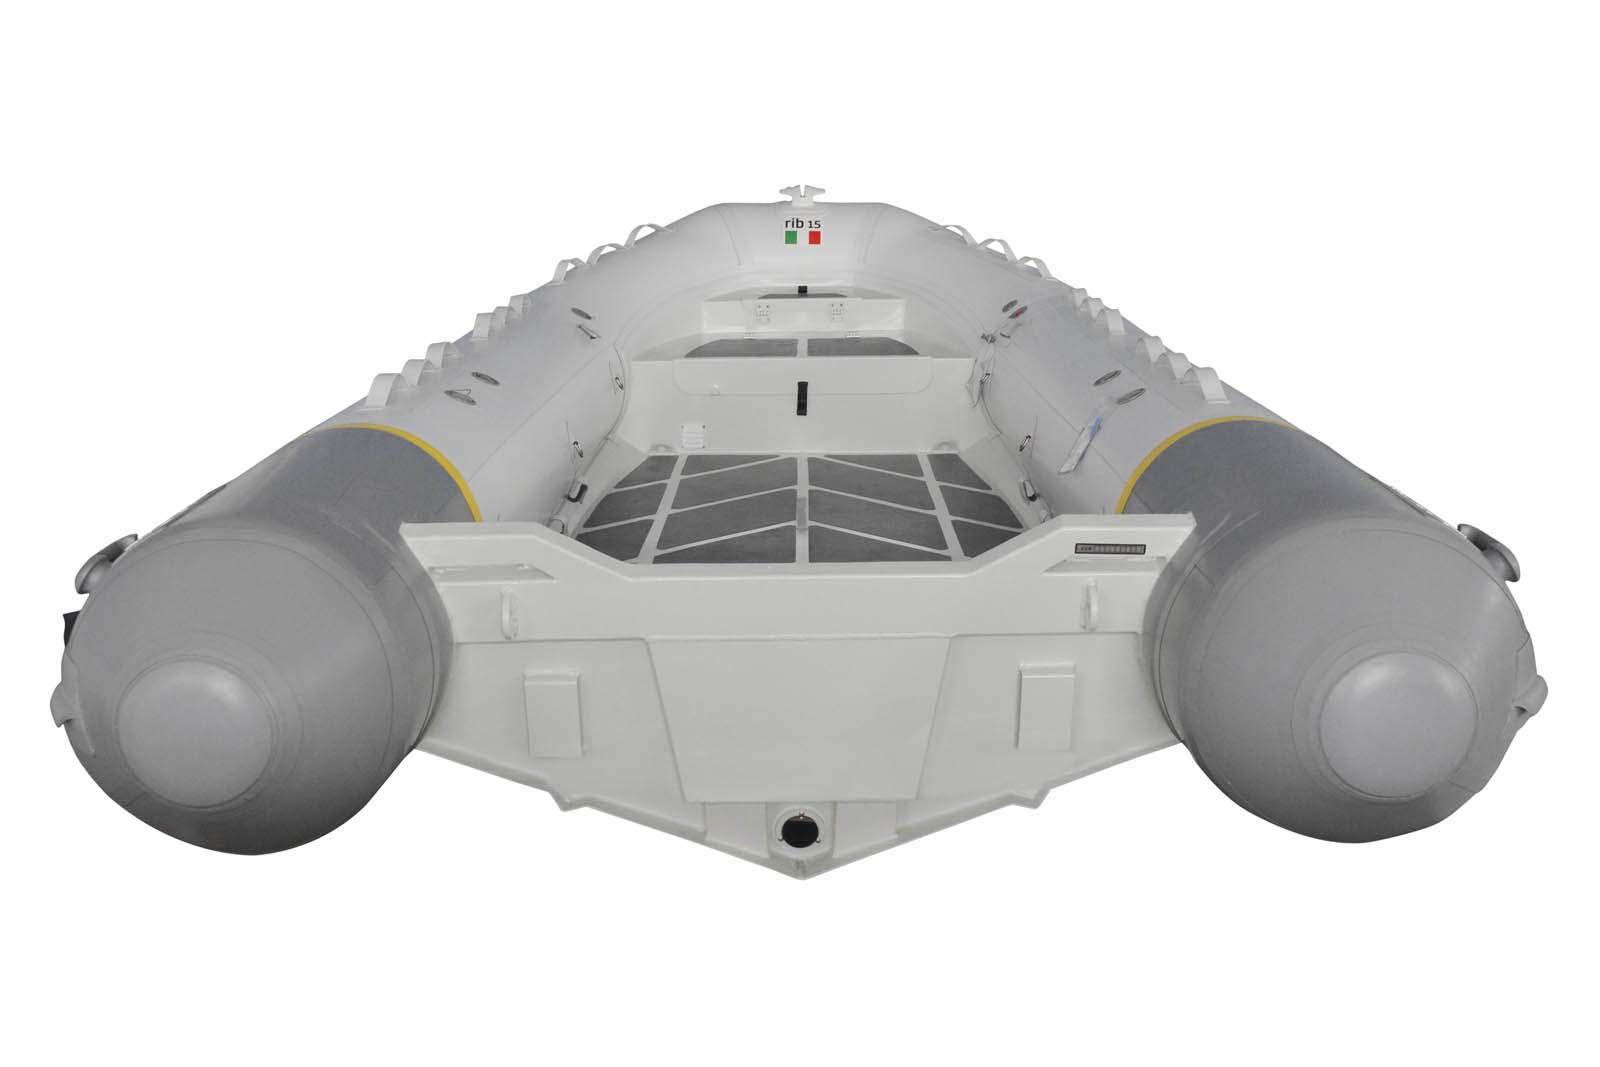 DSC 4762